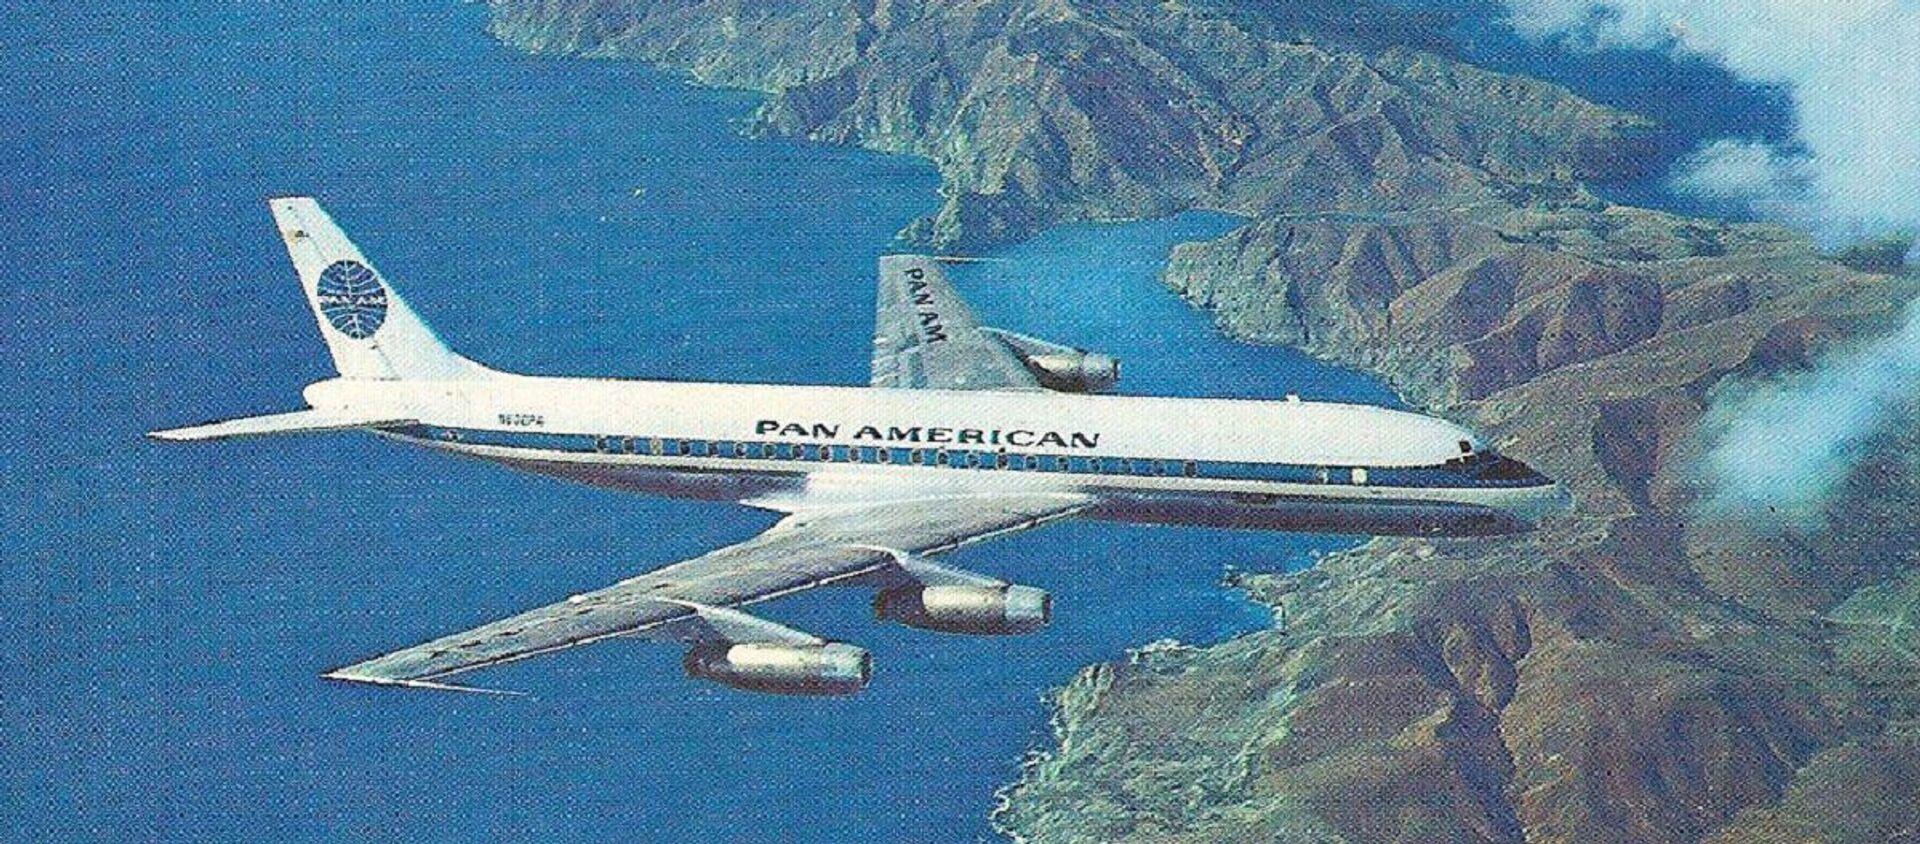 El avión Douglas DC- 8 (imagen referencial) - Sputnik Mundo, 1920, 06.10.2020